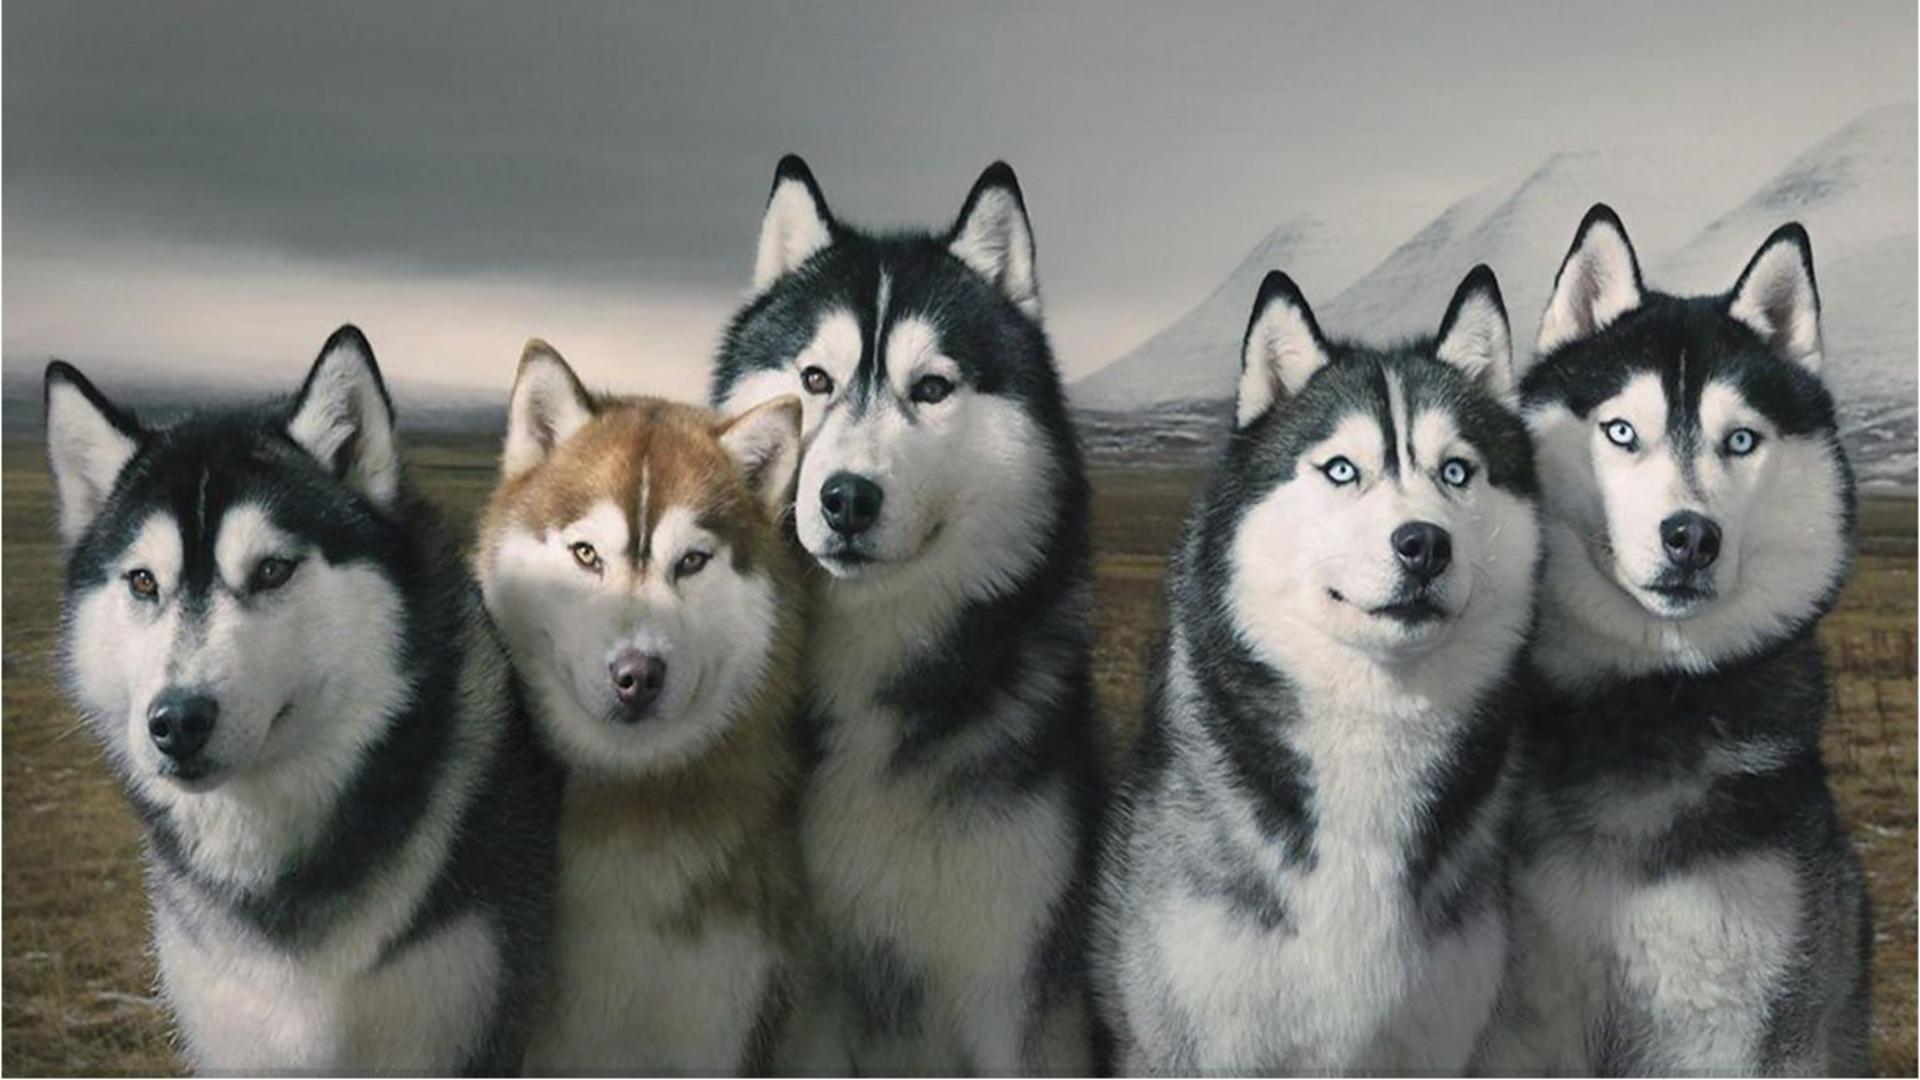 Pack Of Siberian Huskies wallpaper thumb